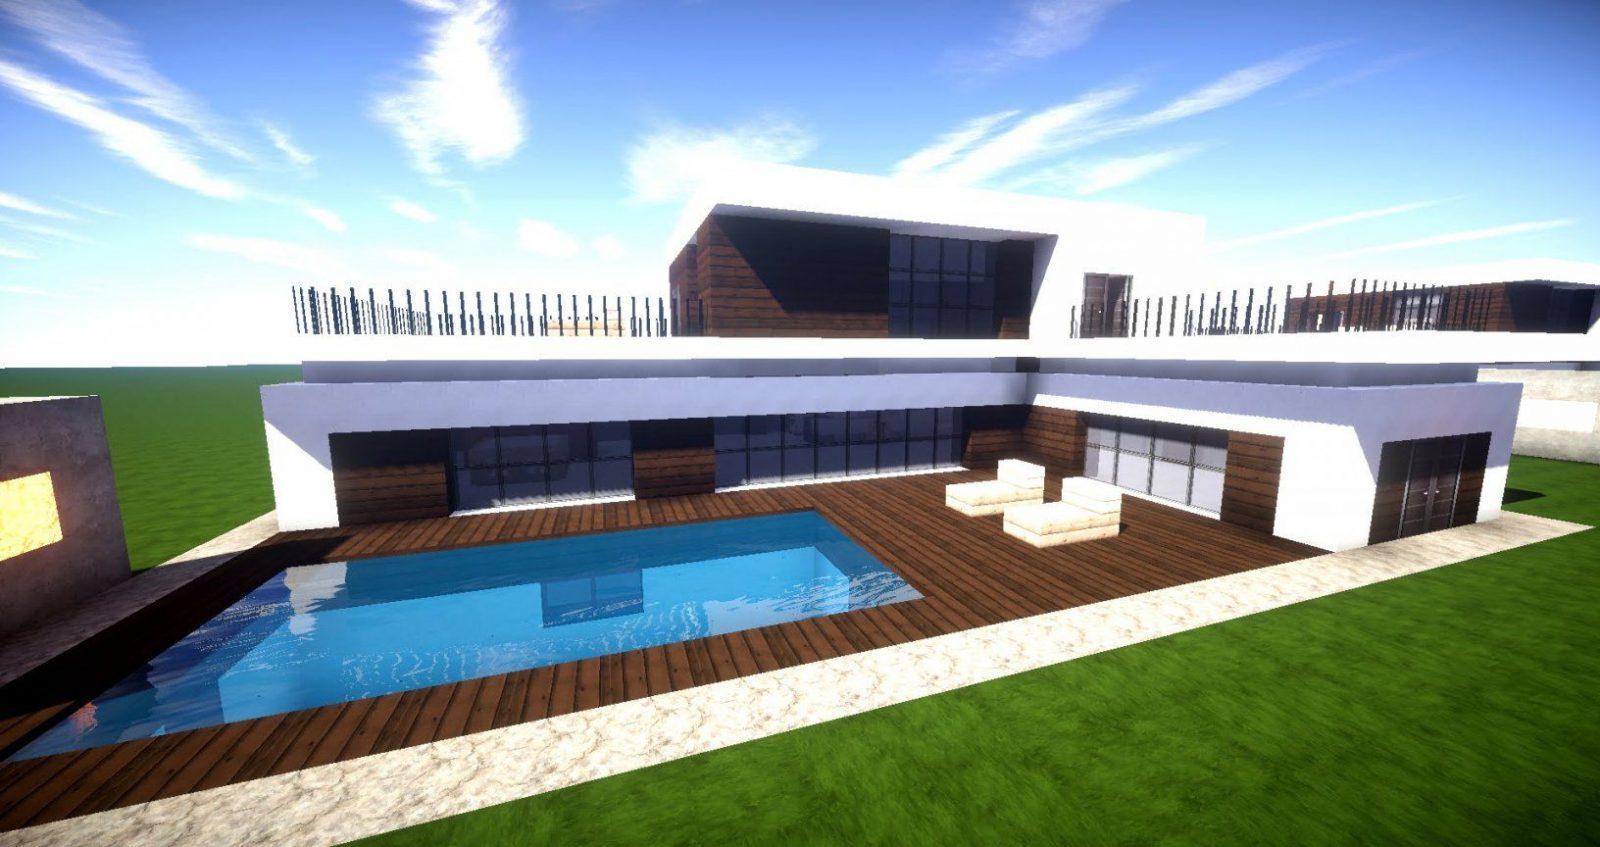 Minecraft Modernes Haus Mit Poolterrasse Bauen 27X20  Tutorial von Minecraft Häuser Modern Bauplan Bild